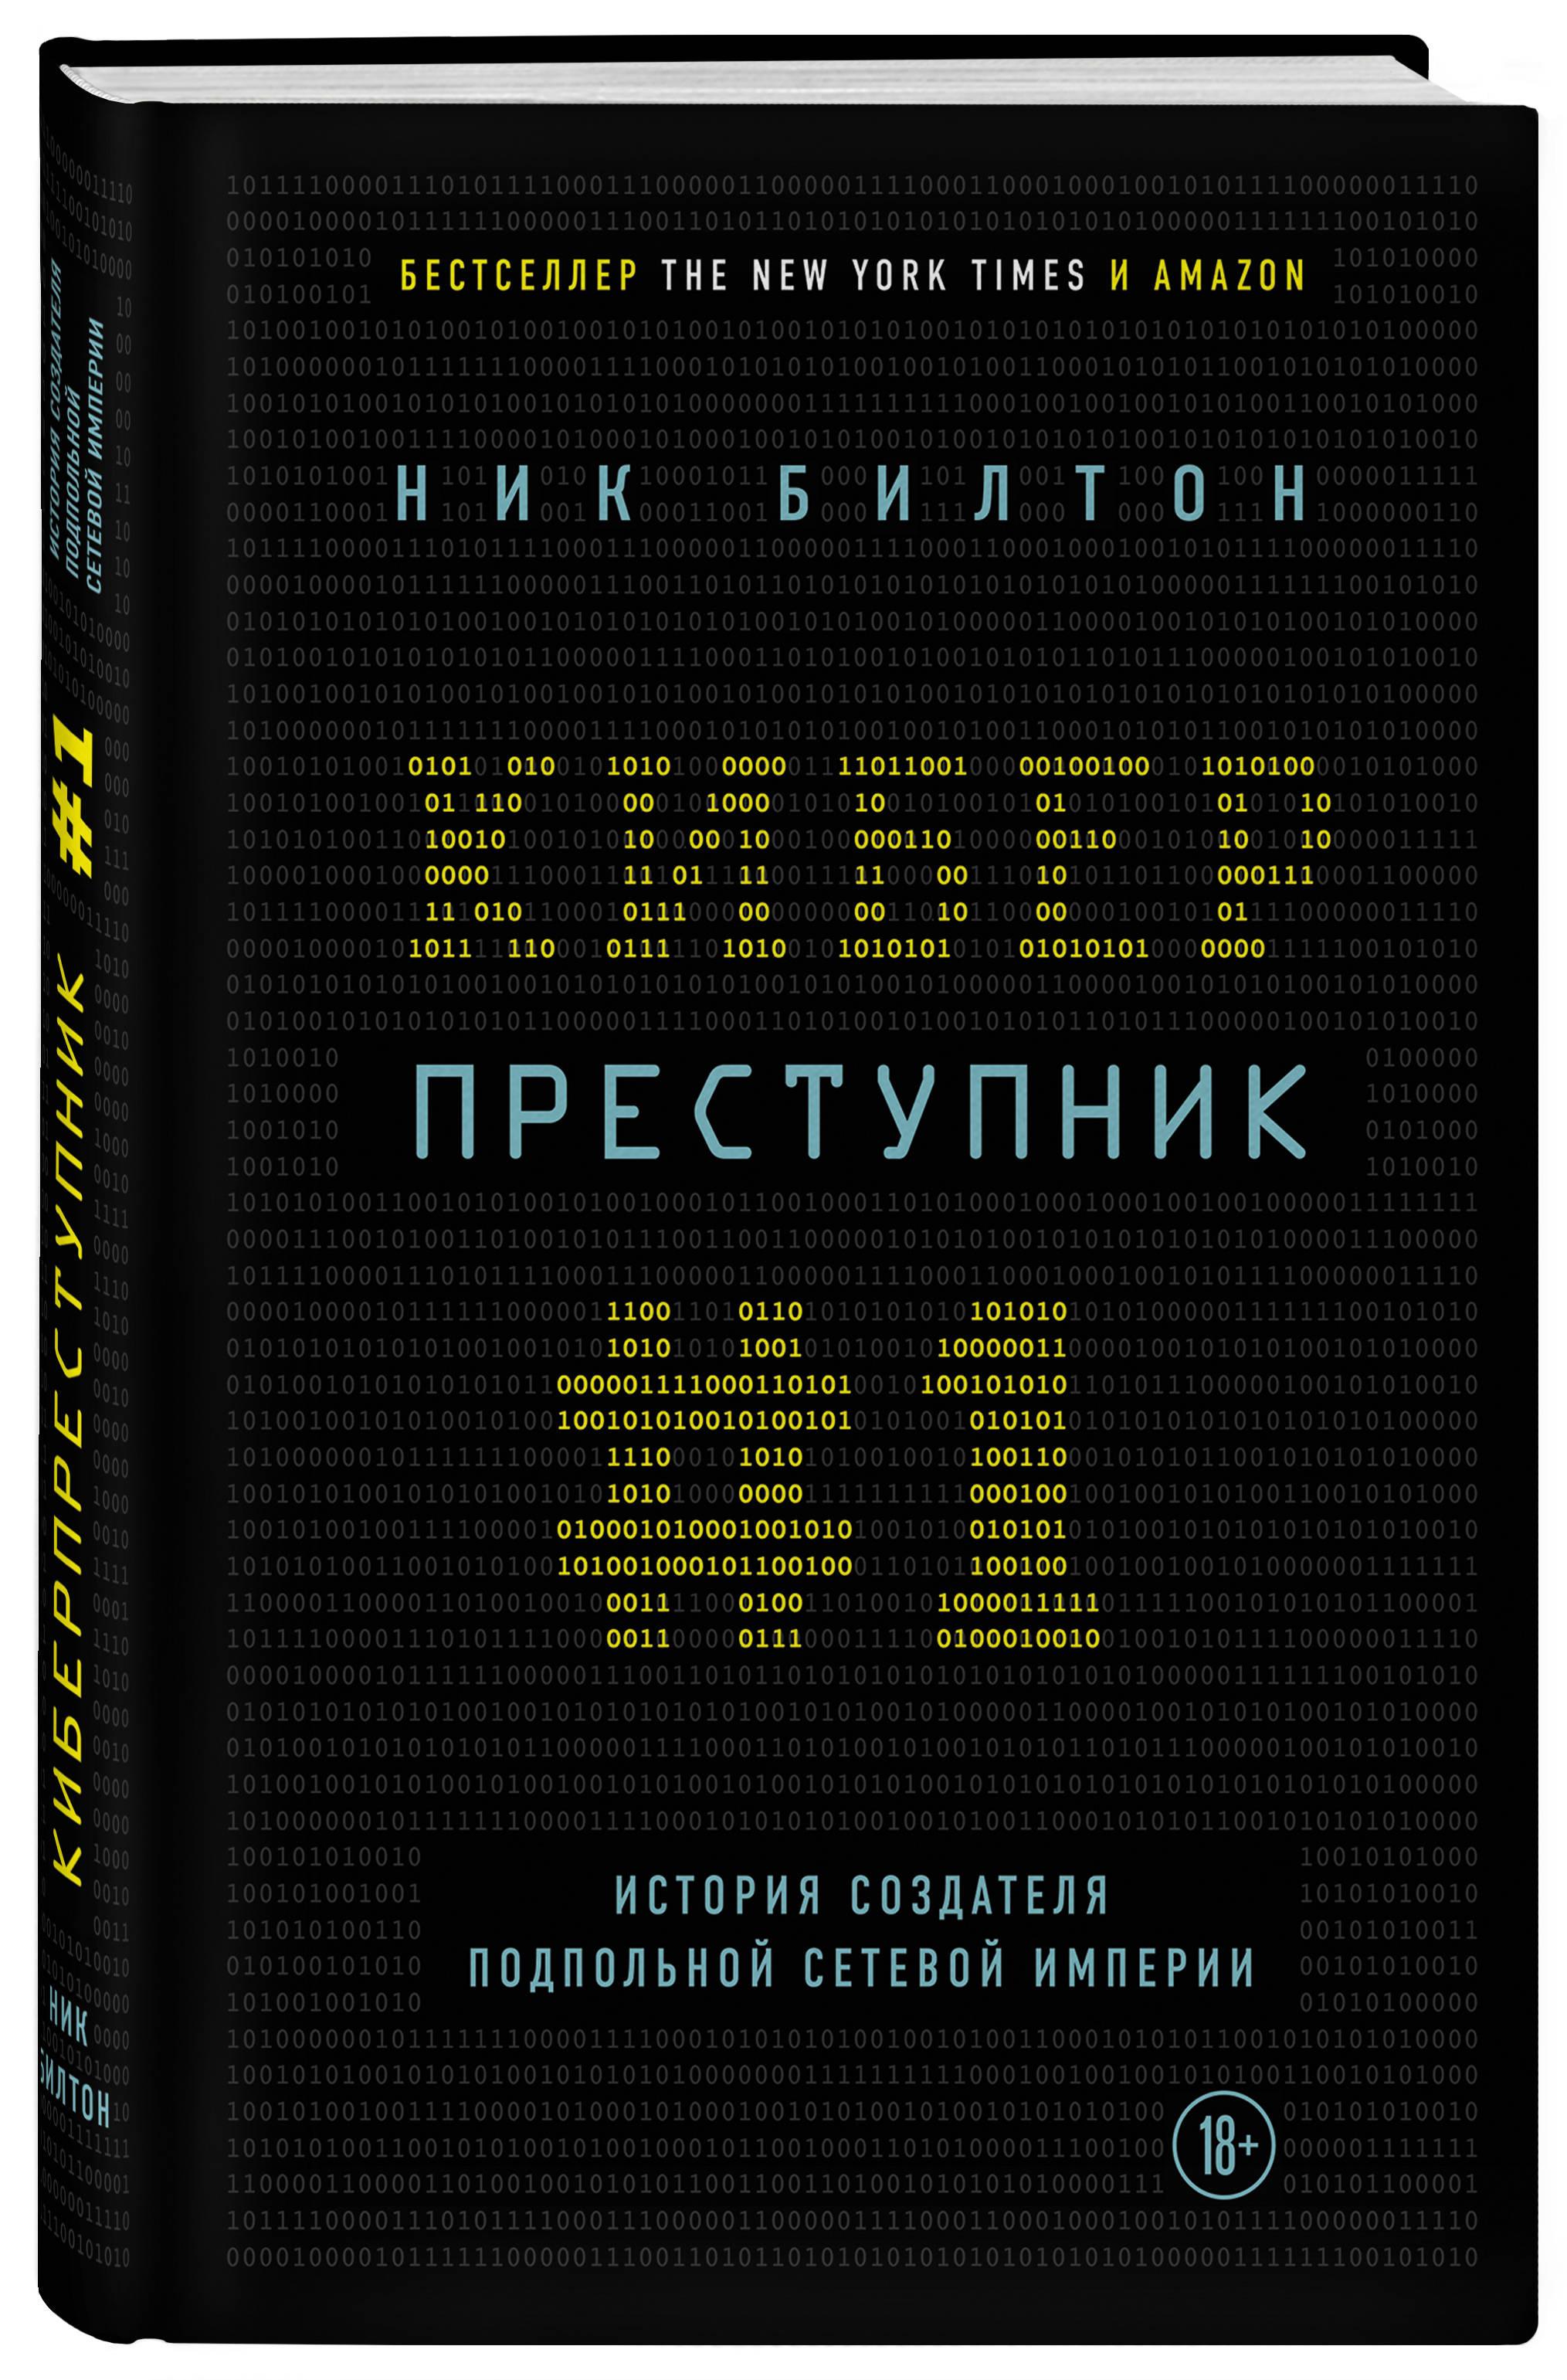 Киберпреступник №1. История создателя подпольной сетевой империи ( Билтон Н.  )